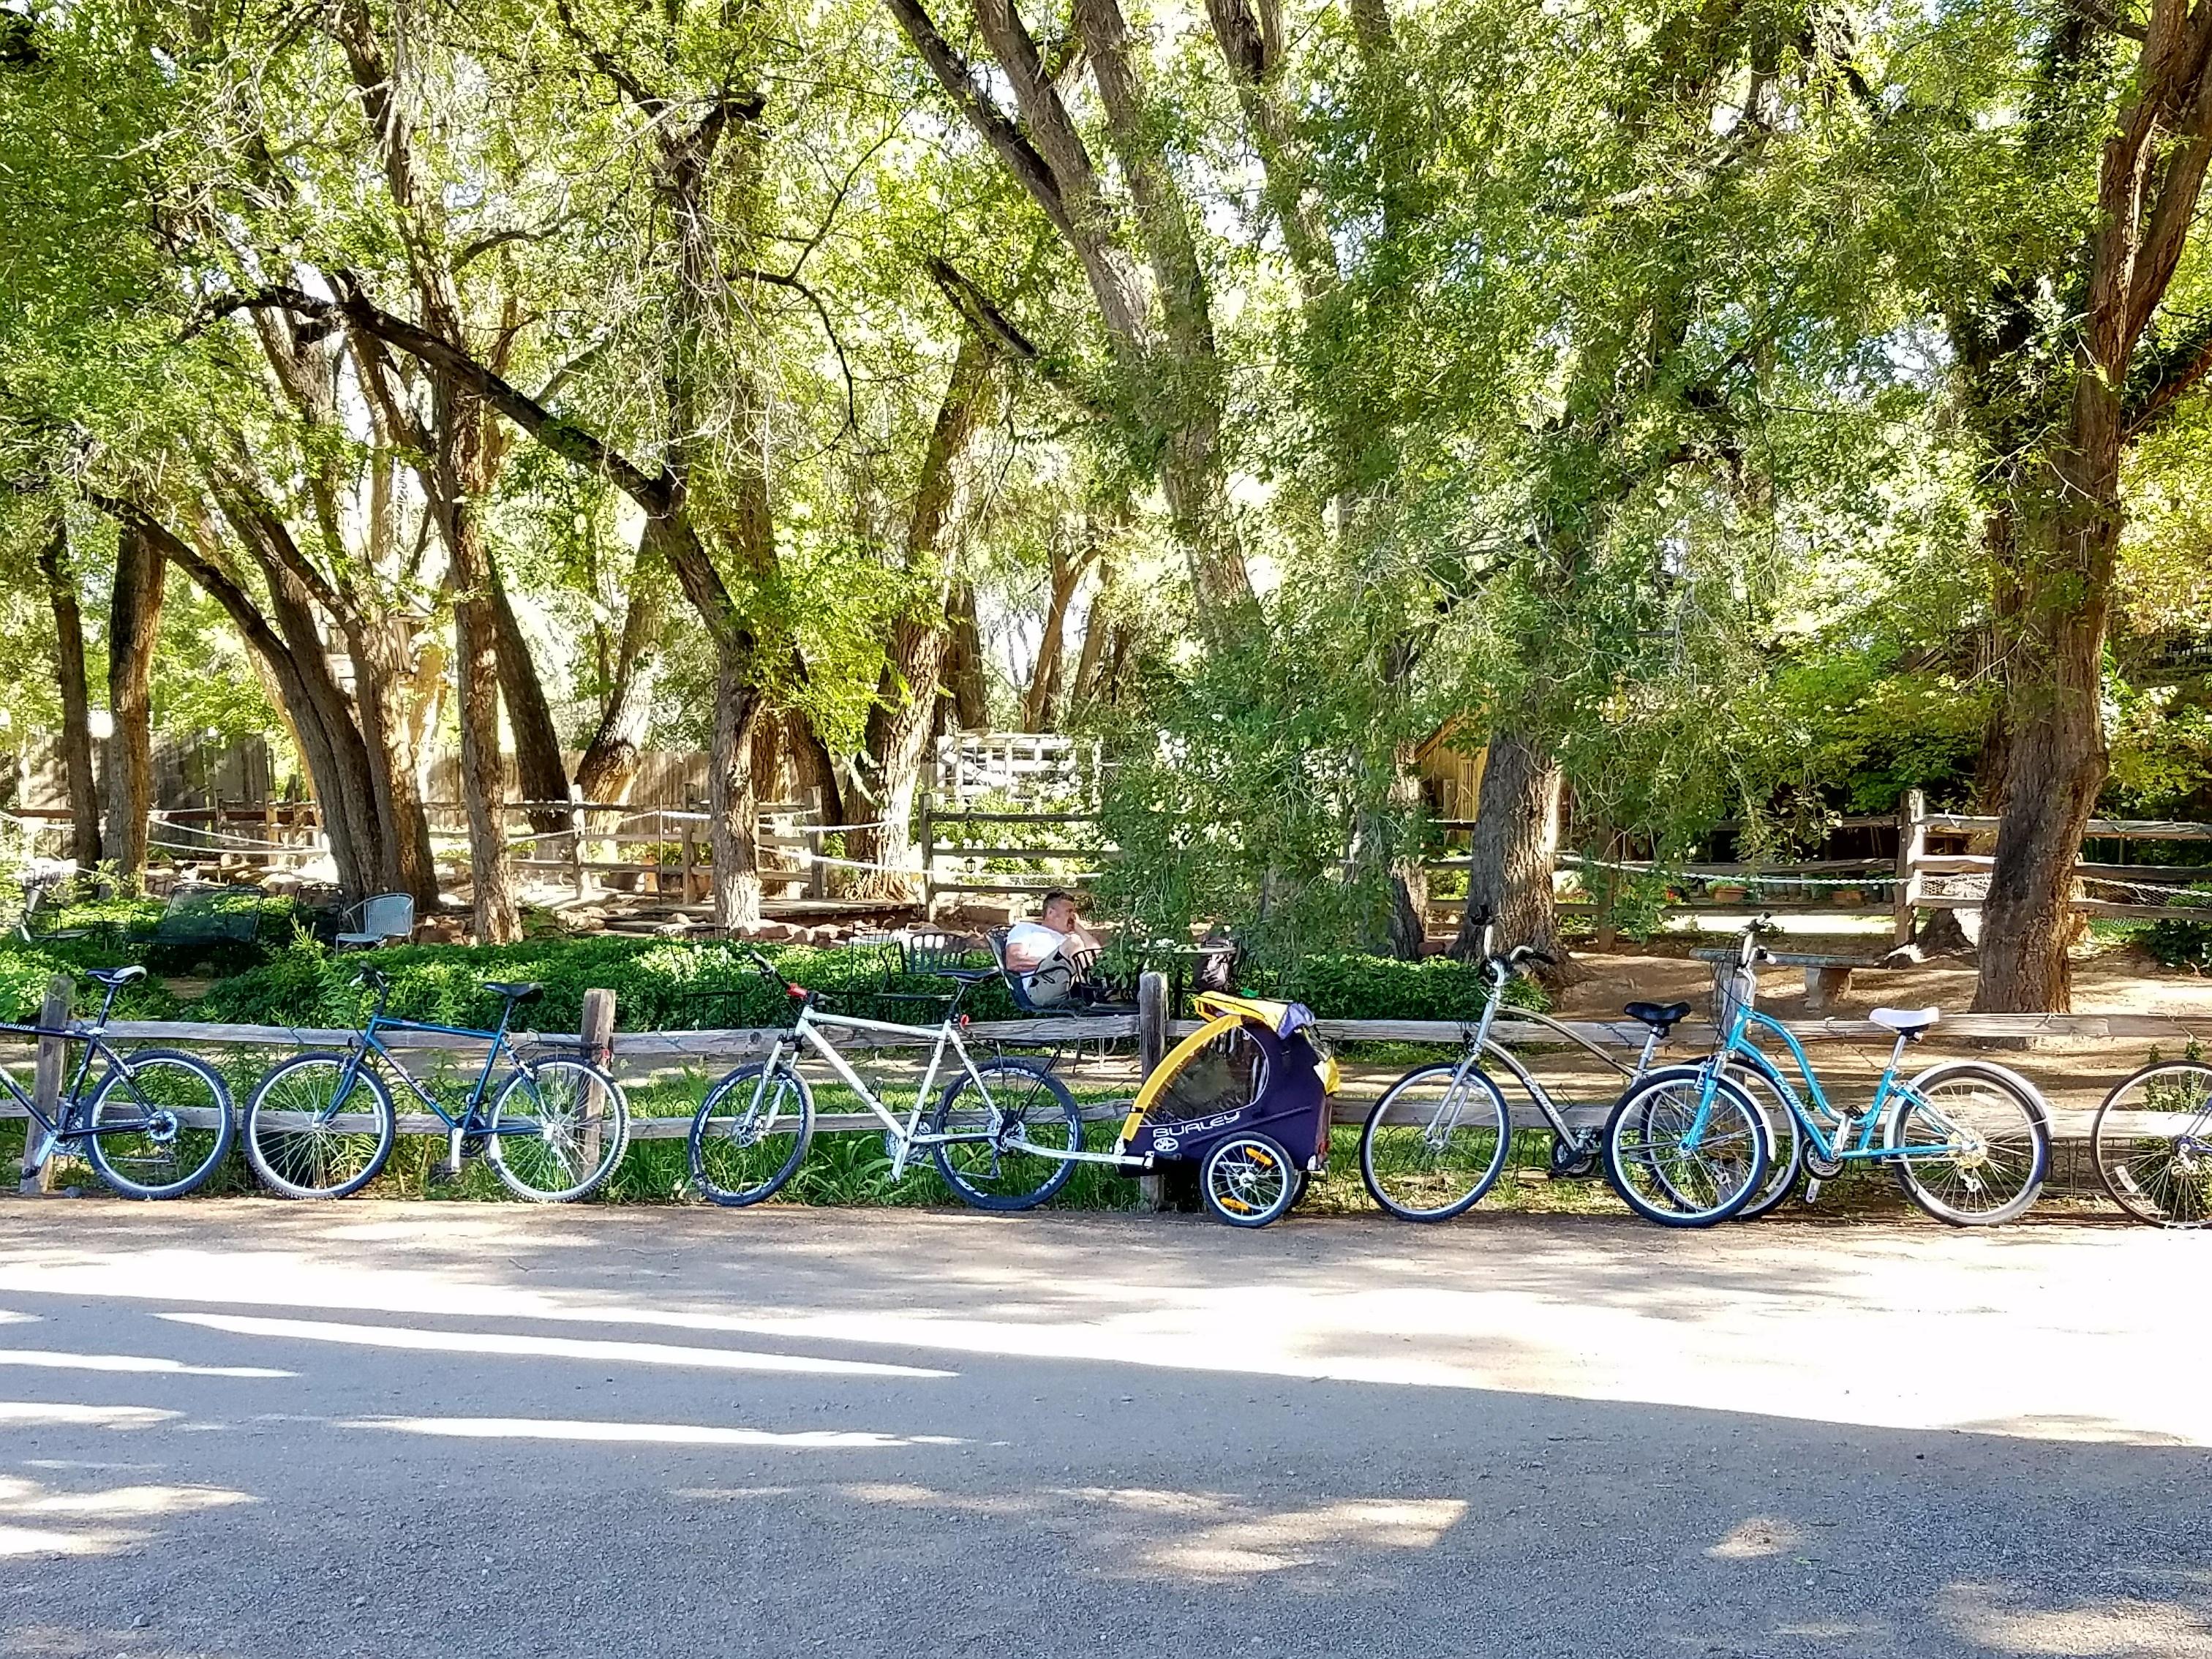 Bikes, Old Town Farm